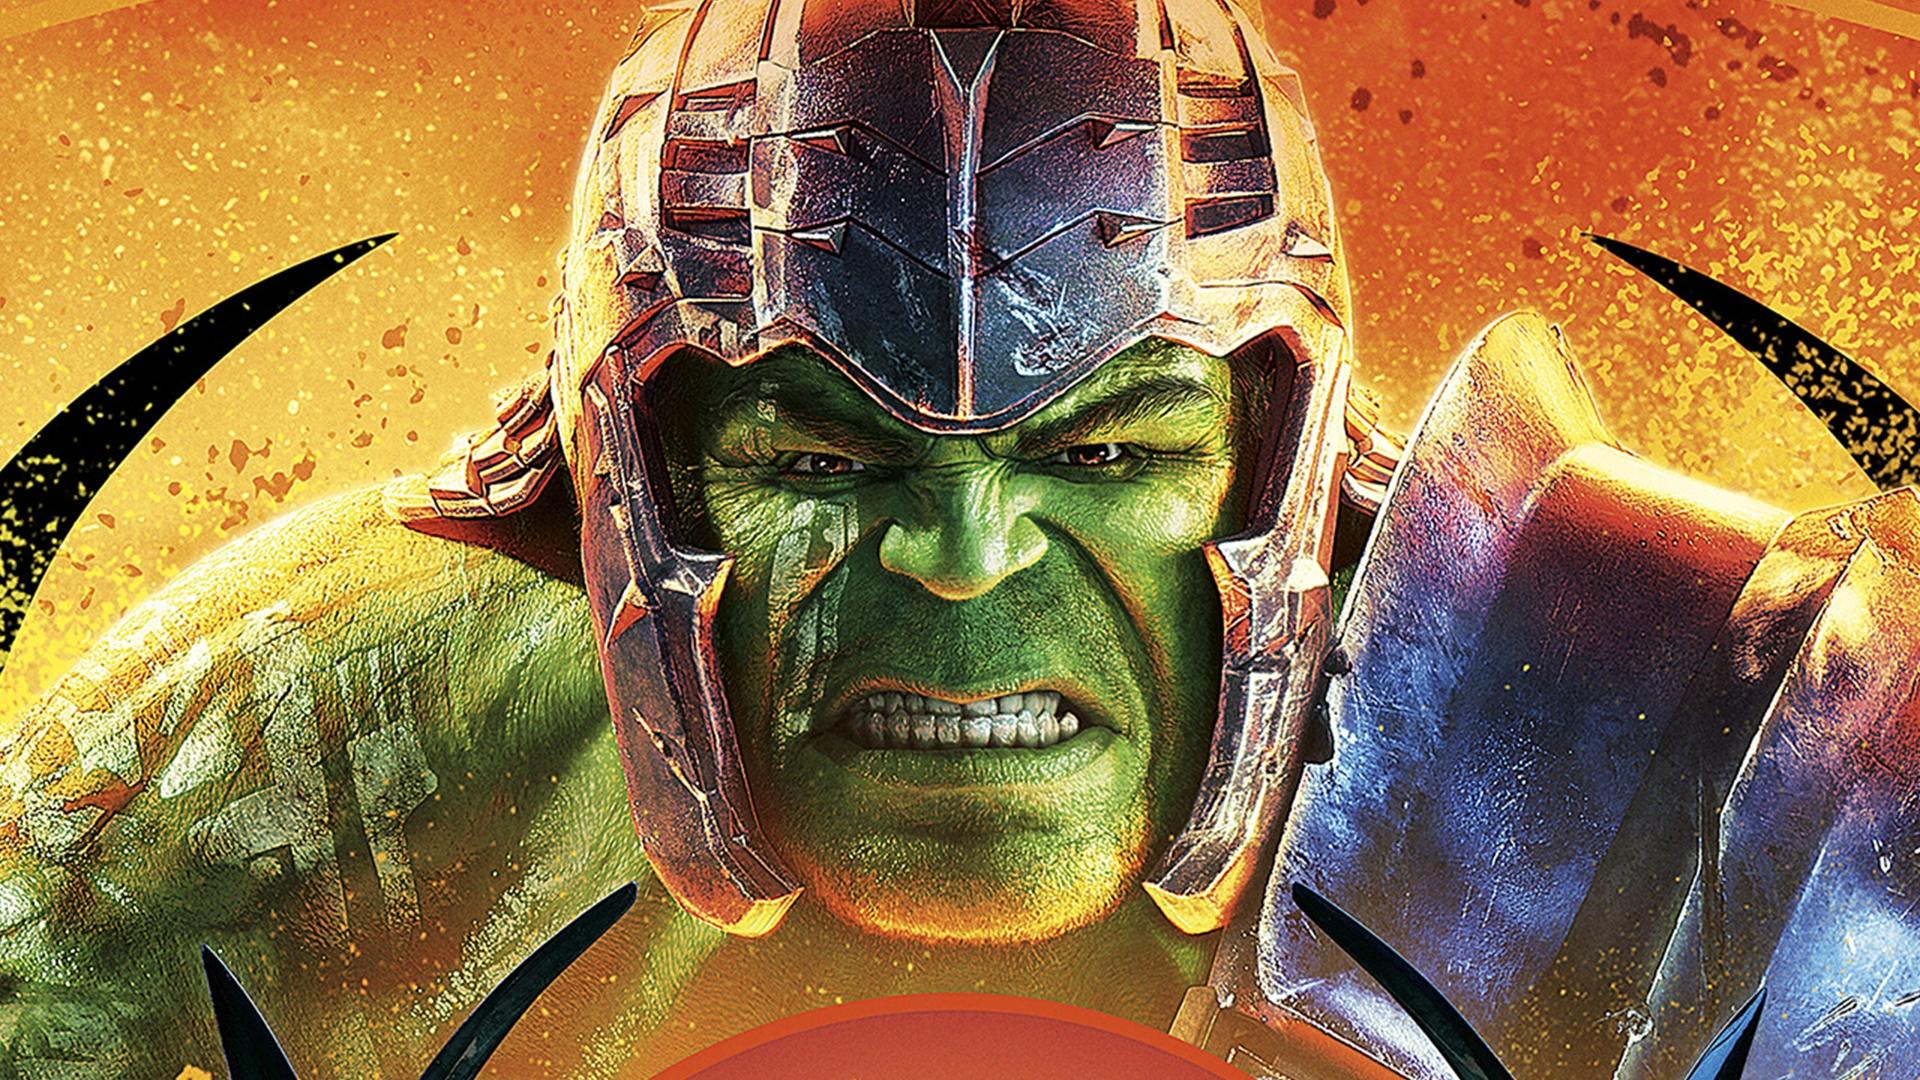 Hulk Ragnarok Wallpapers Wallpapersafari